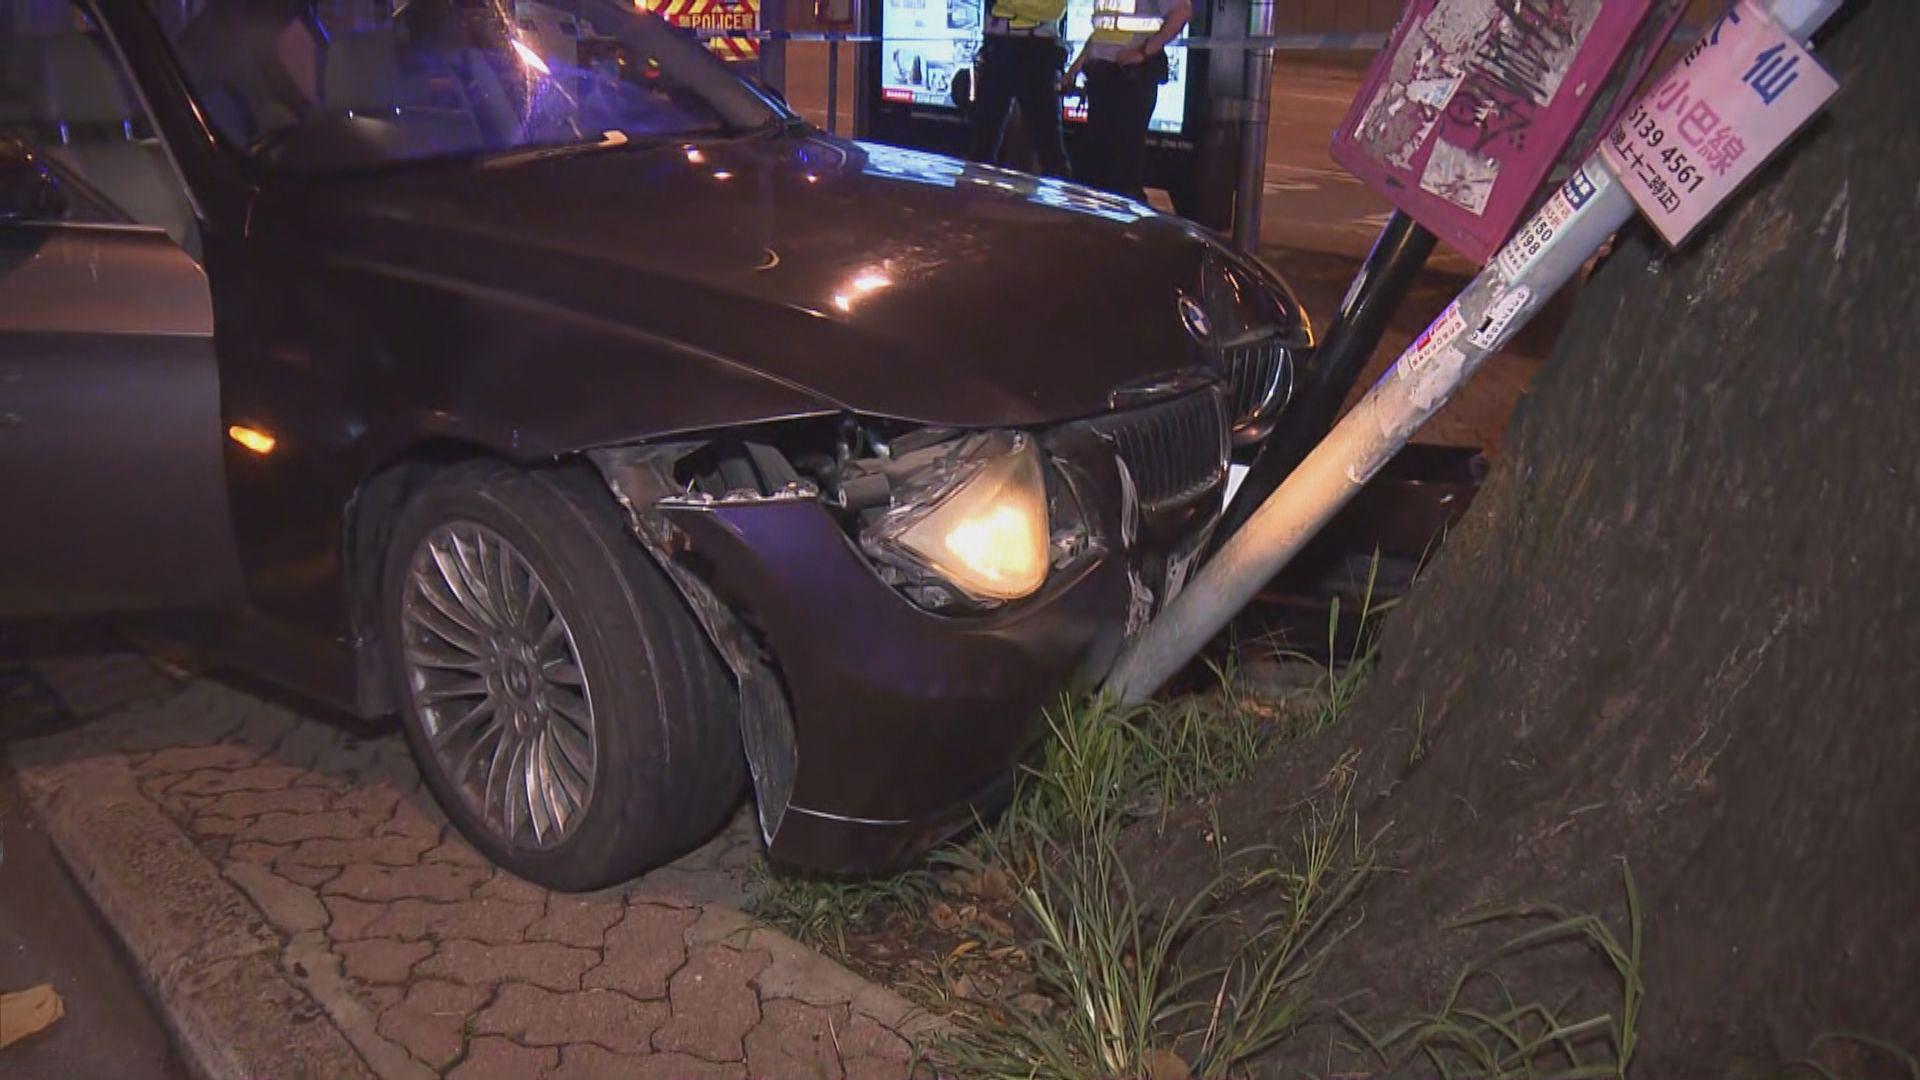 九龍城私家車撞途人 司機棄車逃去